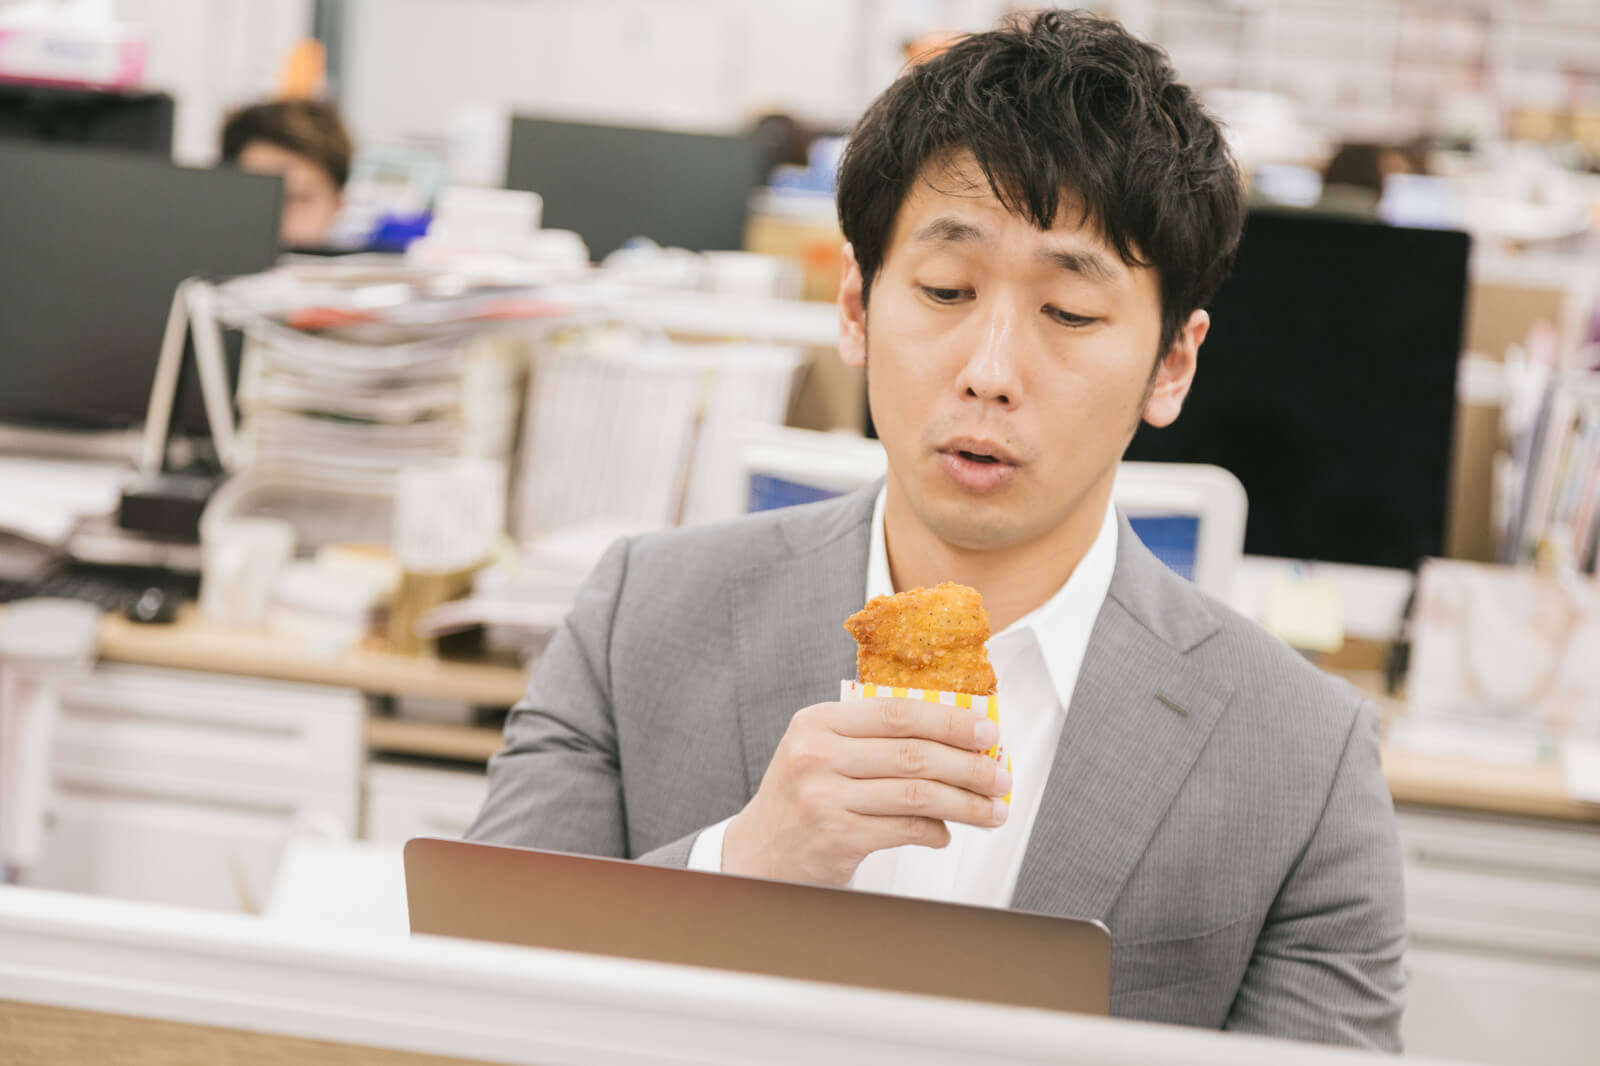 血液がドロドロになる食生活④脂っこい食べ物を多く食べる